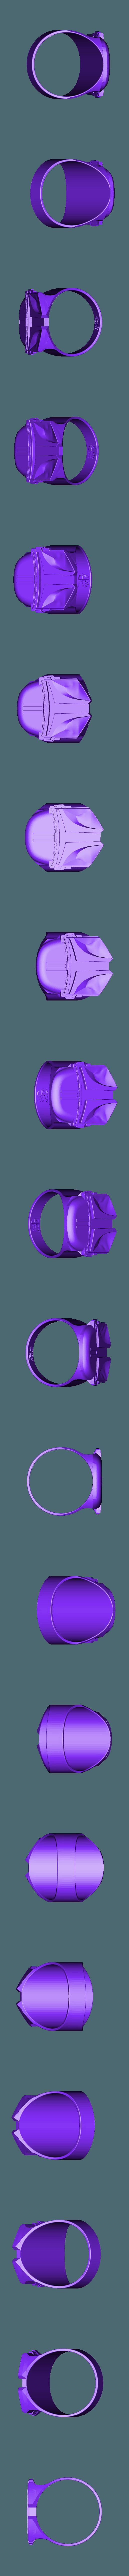 Mandalorian_Ring_17mm.obj Télécharger fichier OBJ gratuit Anneau mandalorien • Modèle imprimable en 3D, quaddalone